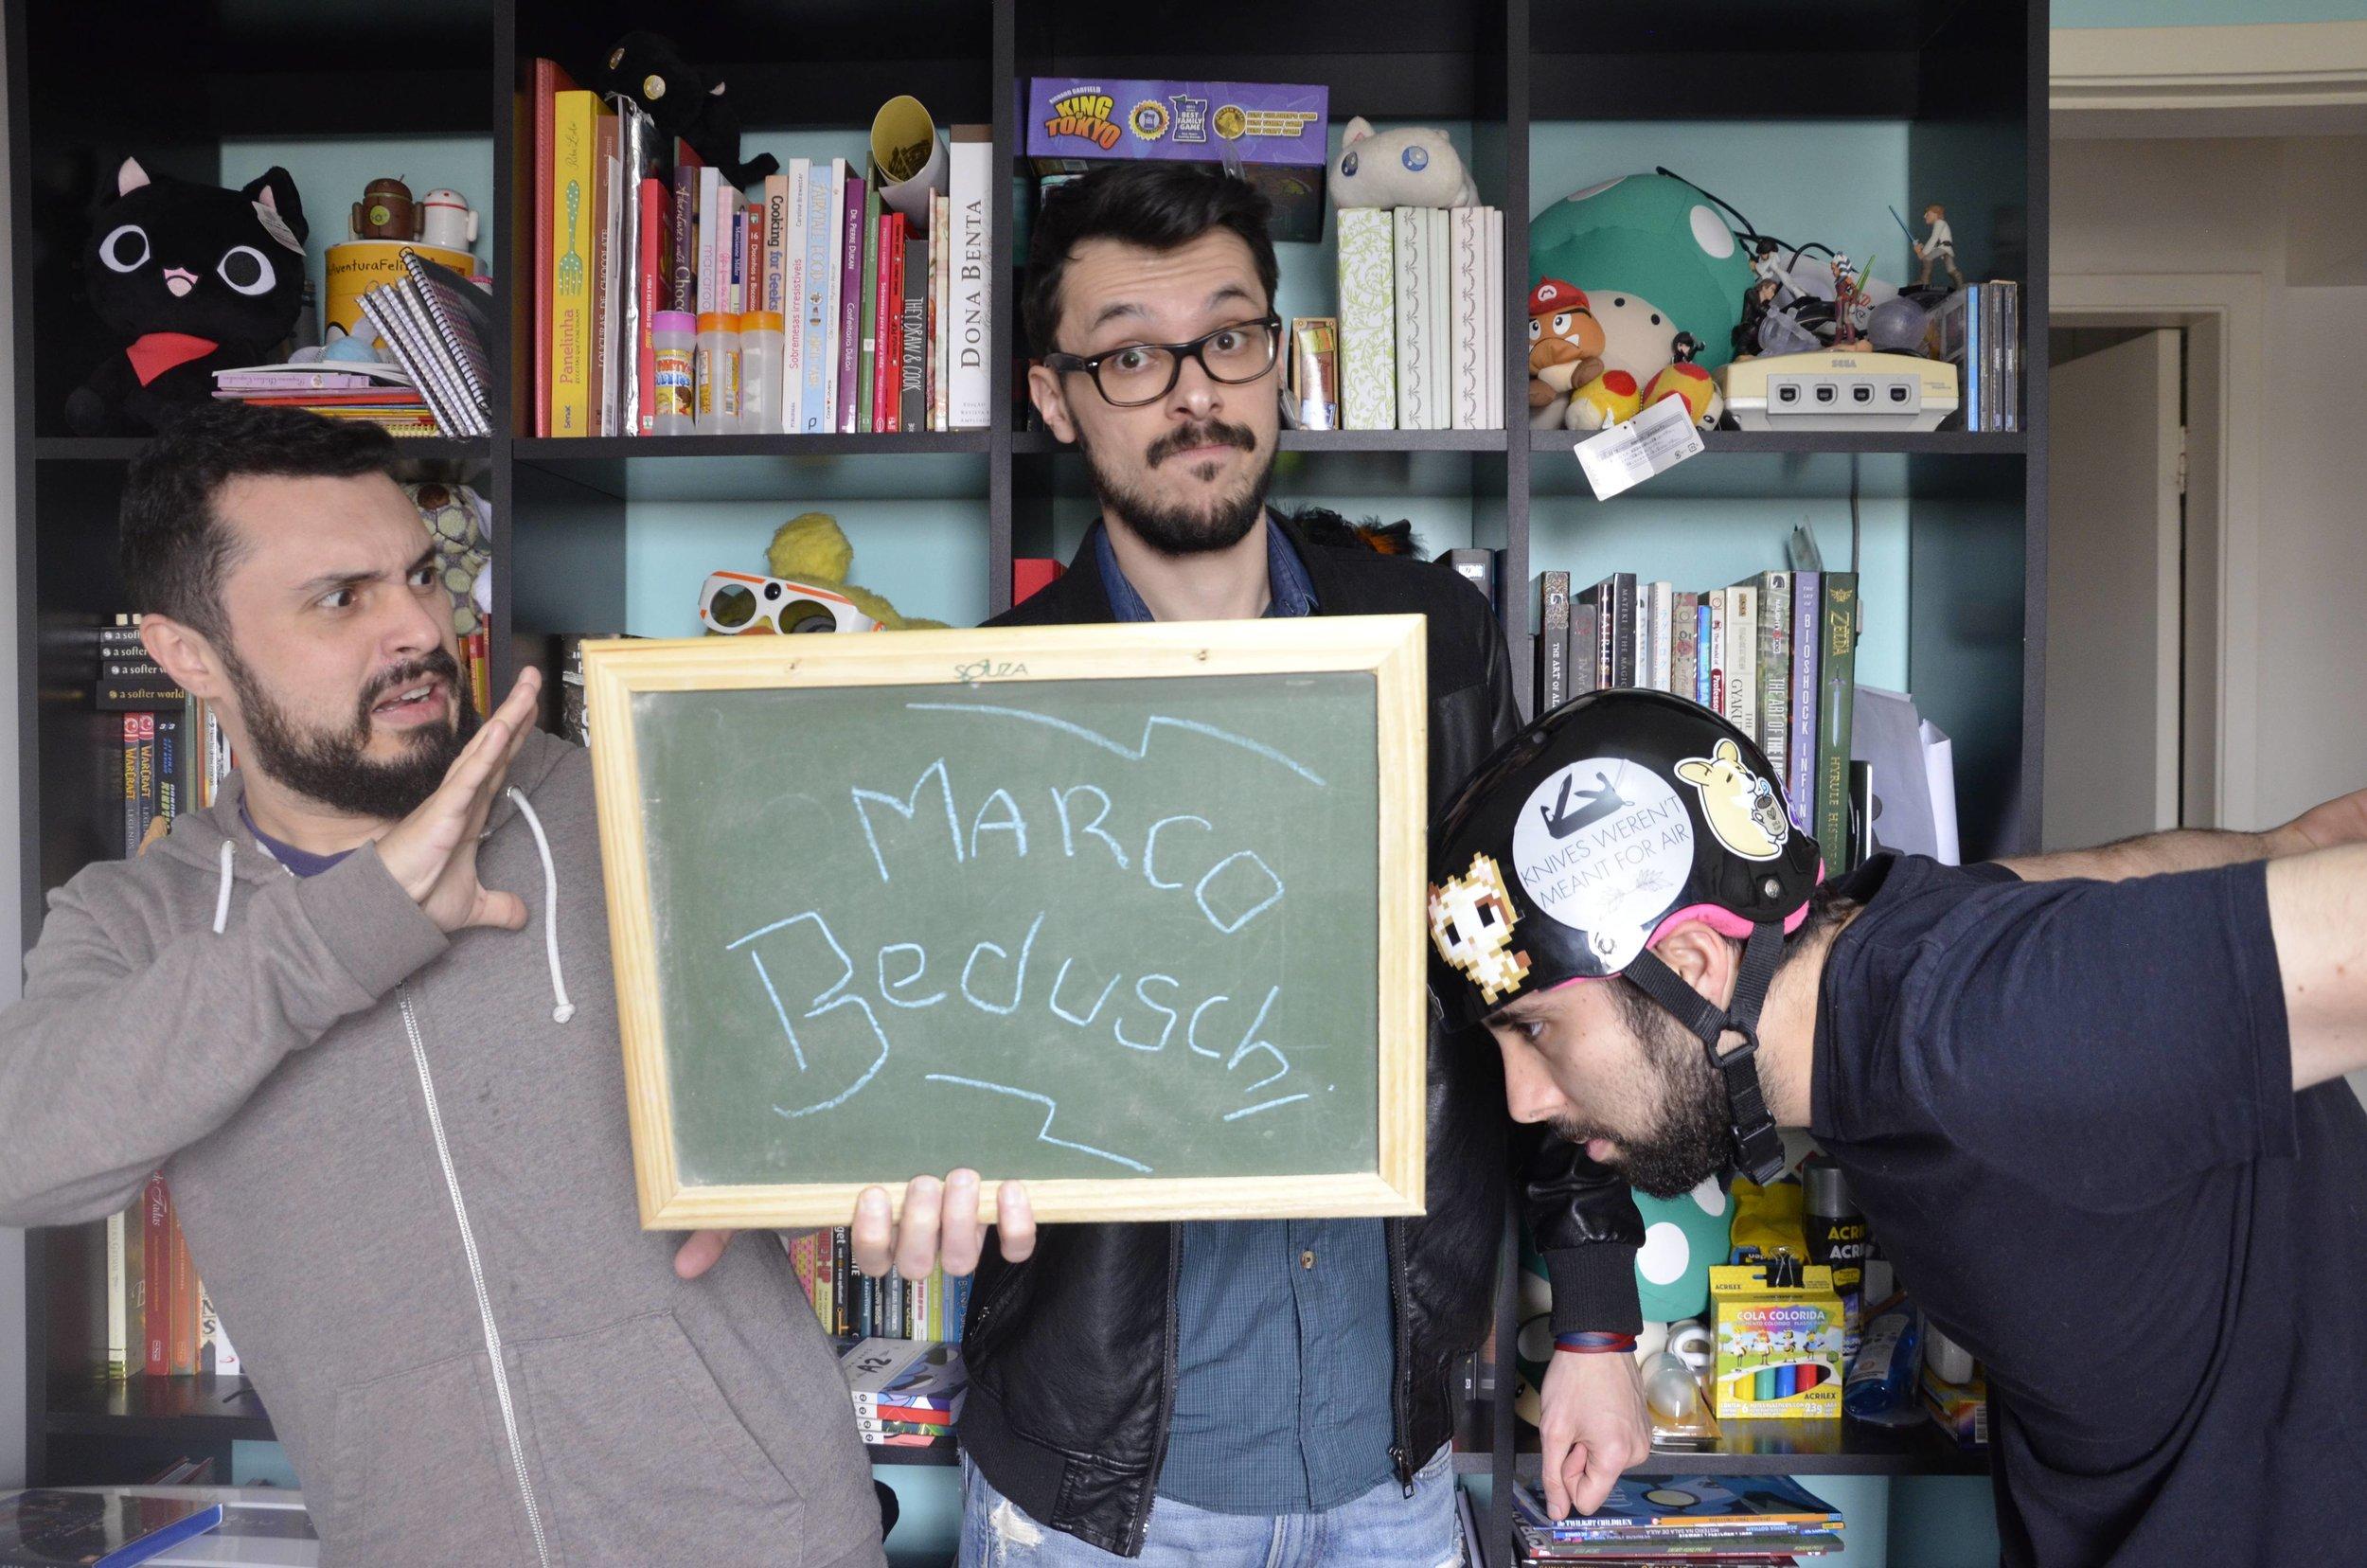 Marco-Beduschi.jpg